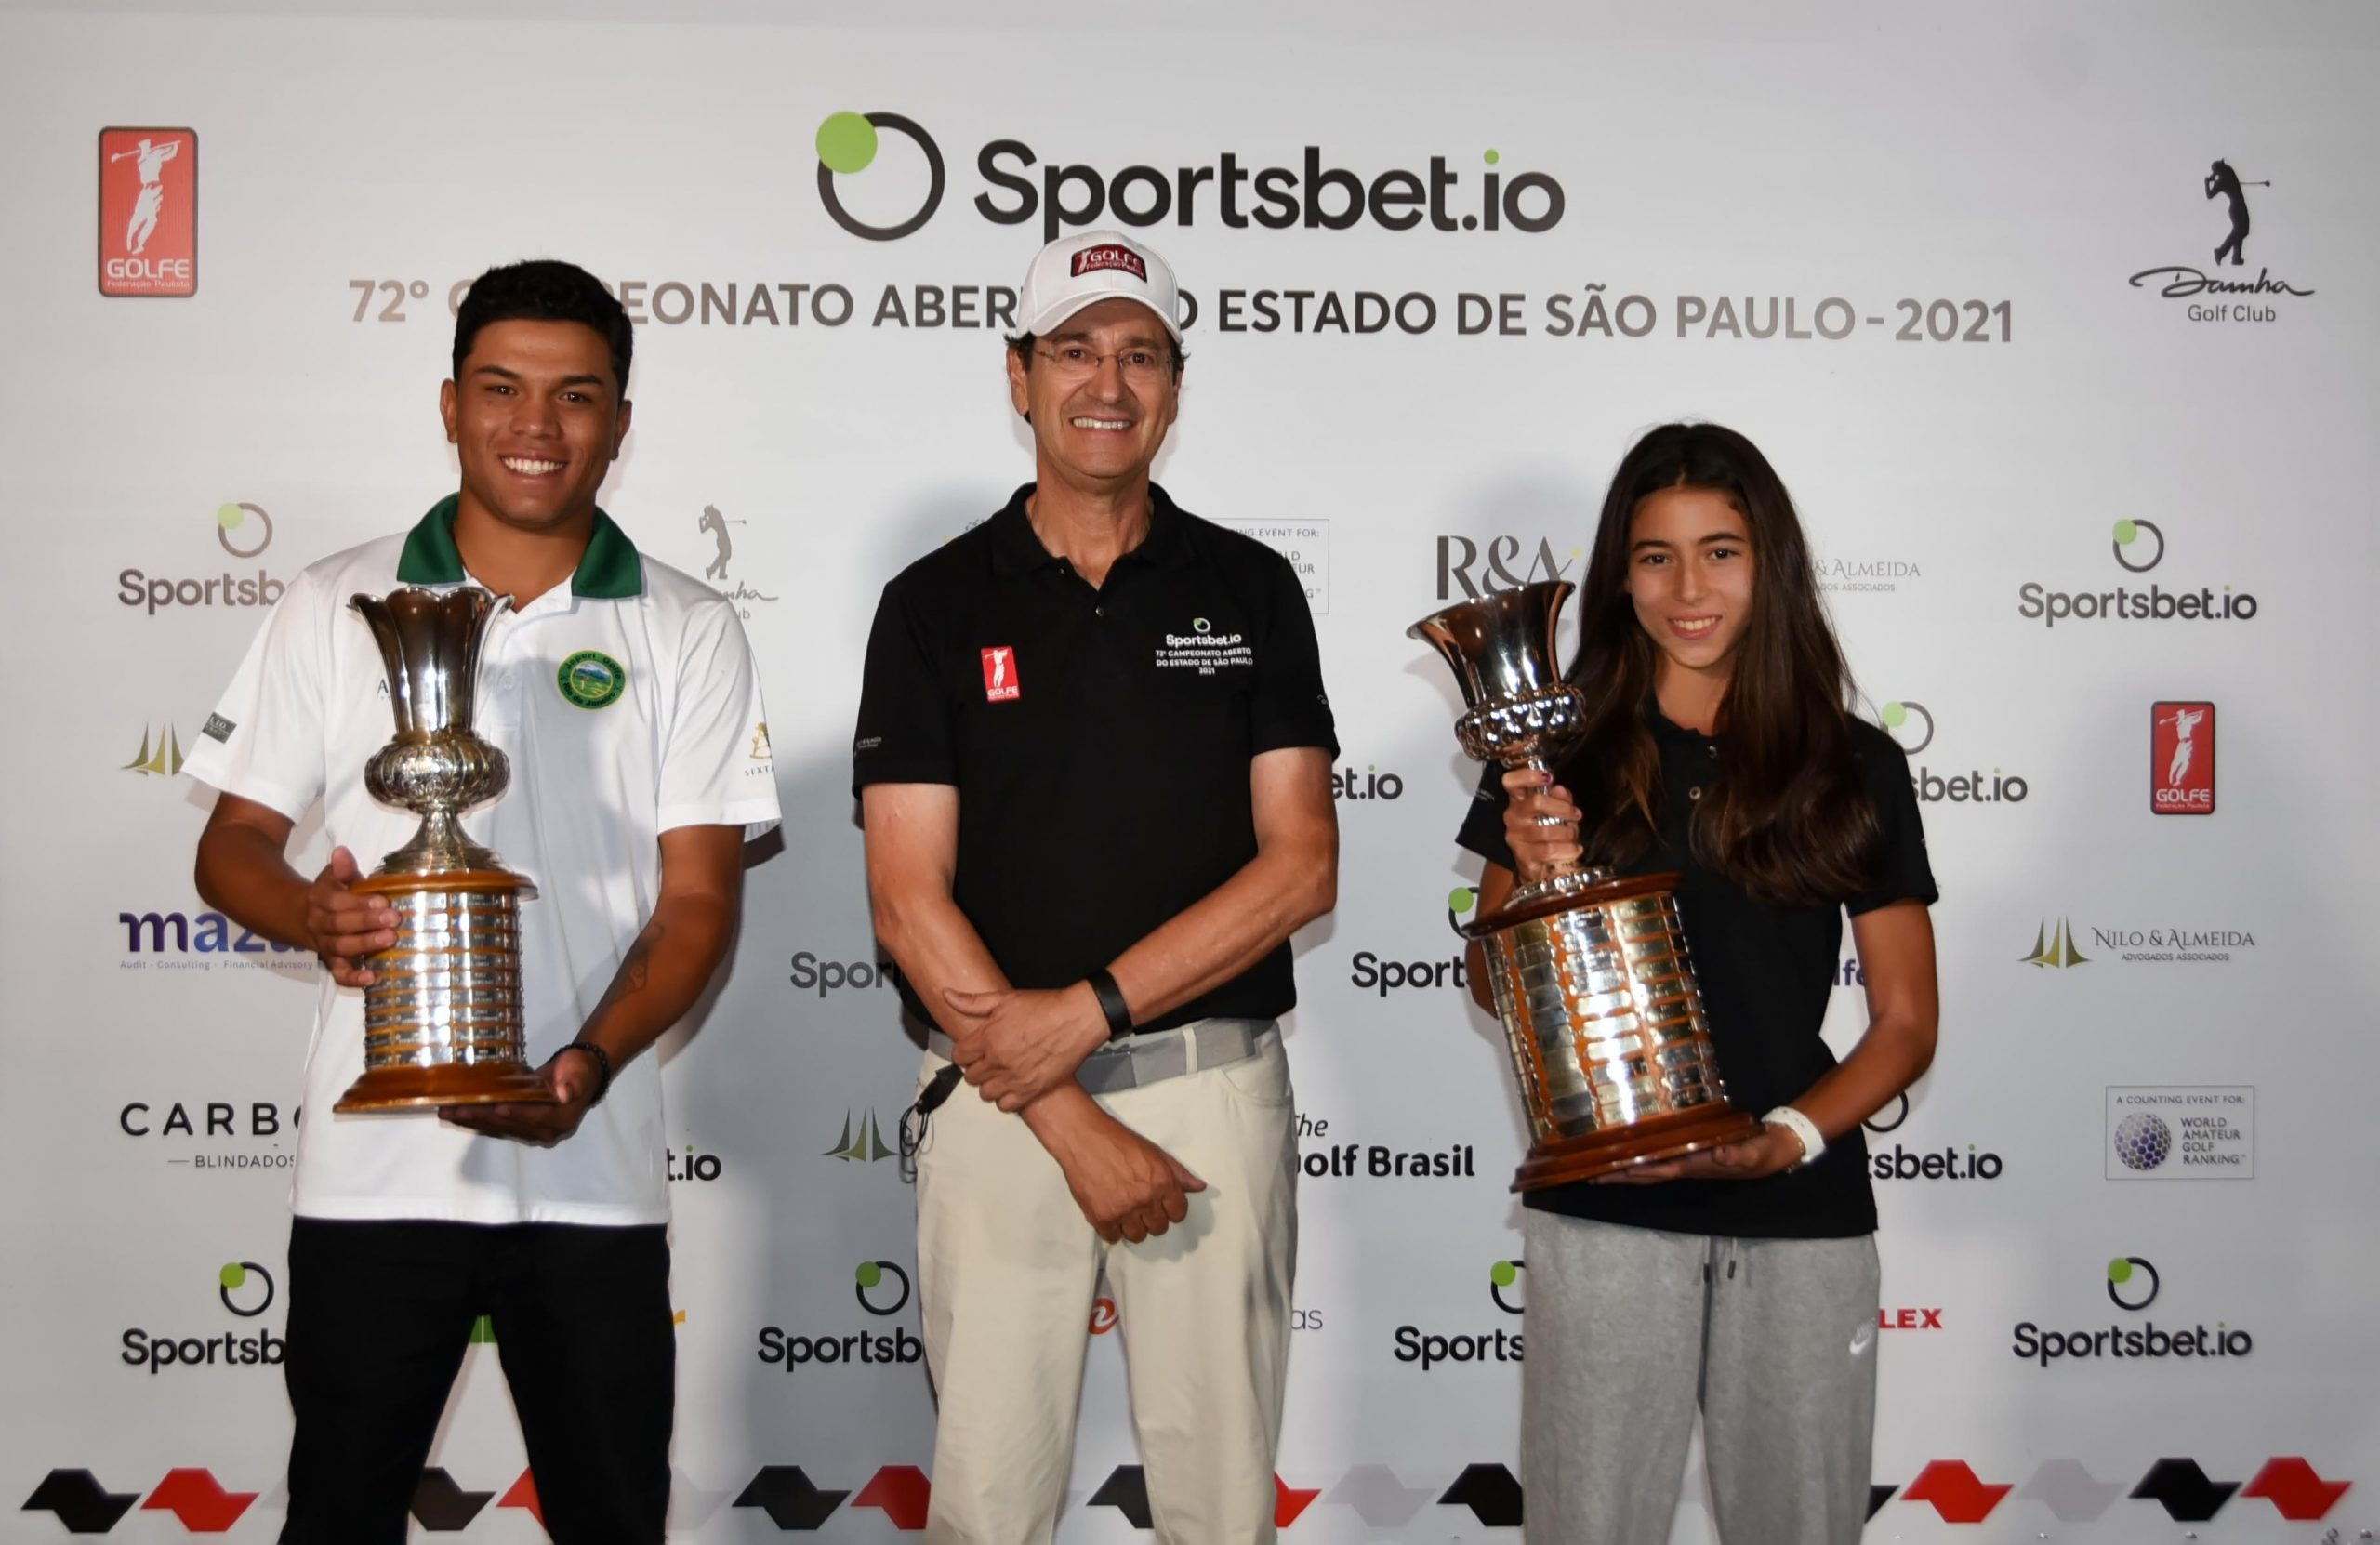 Breno Domingos, do Japeri, vence de virada o Sportsbet.io Aberto de São Paulo